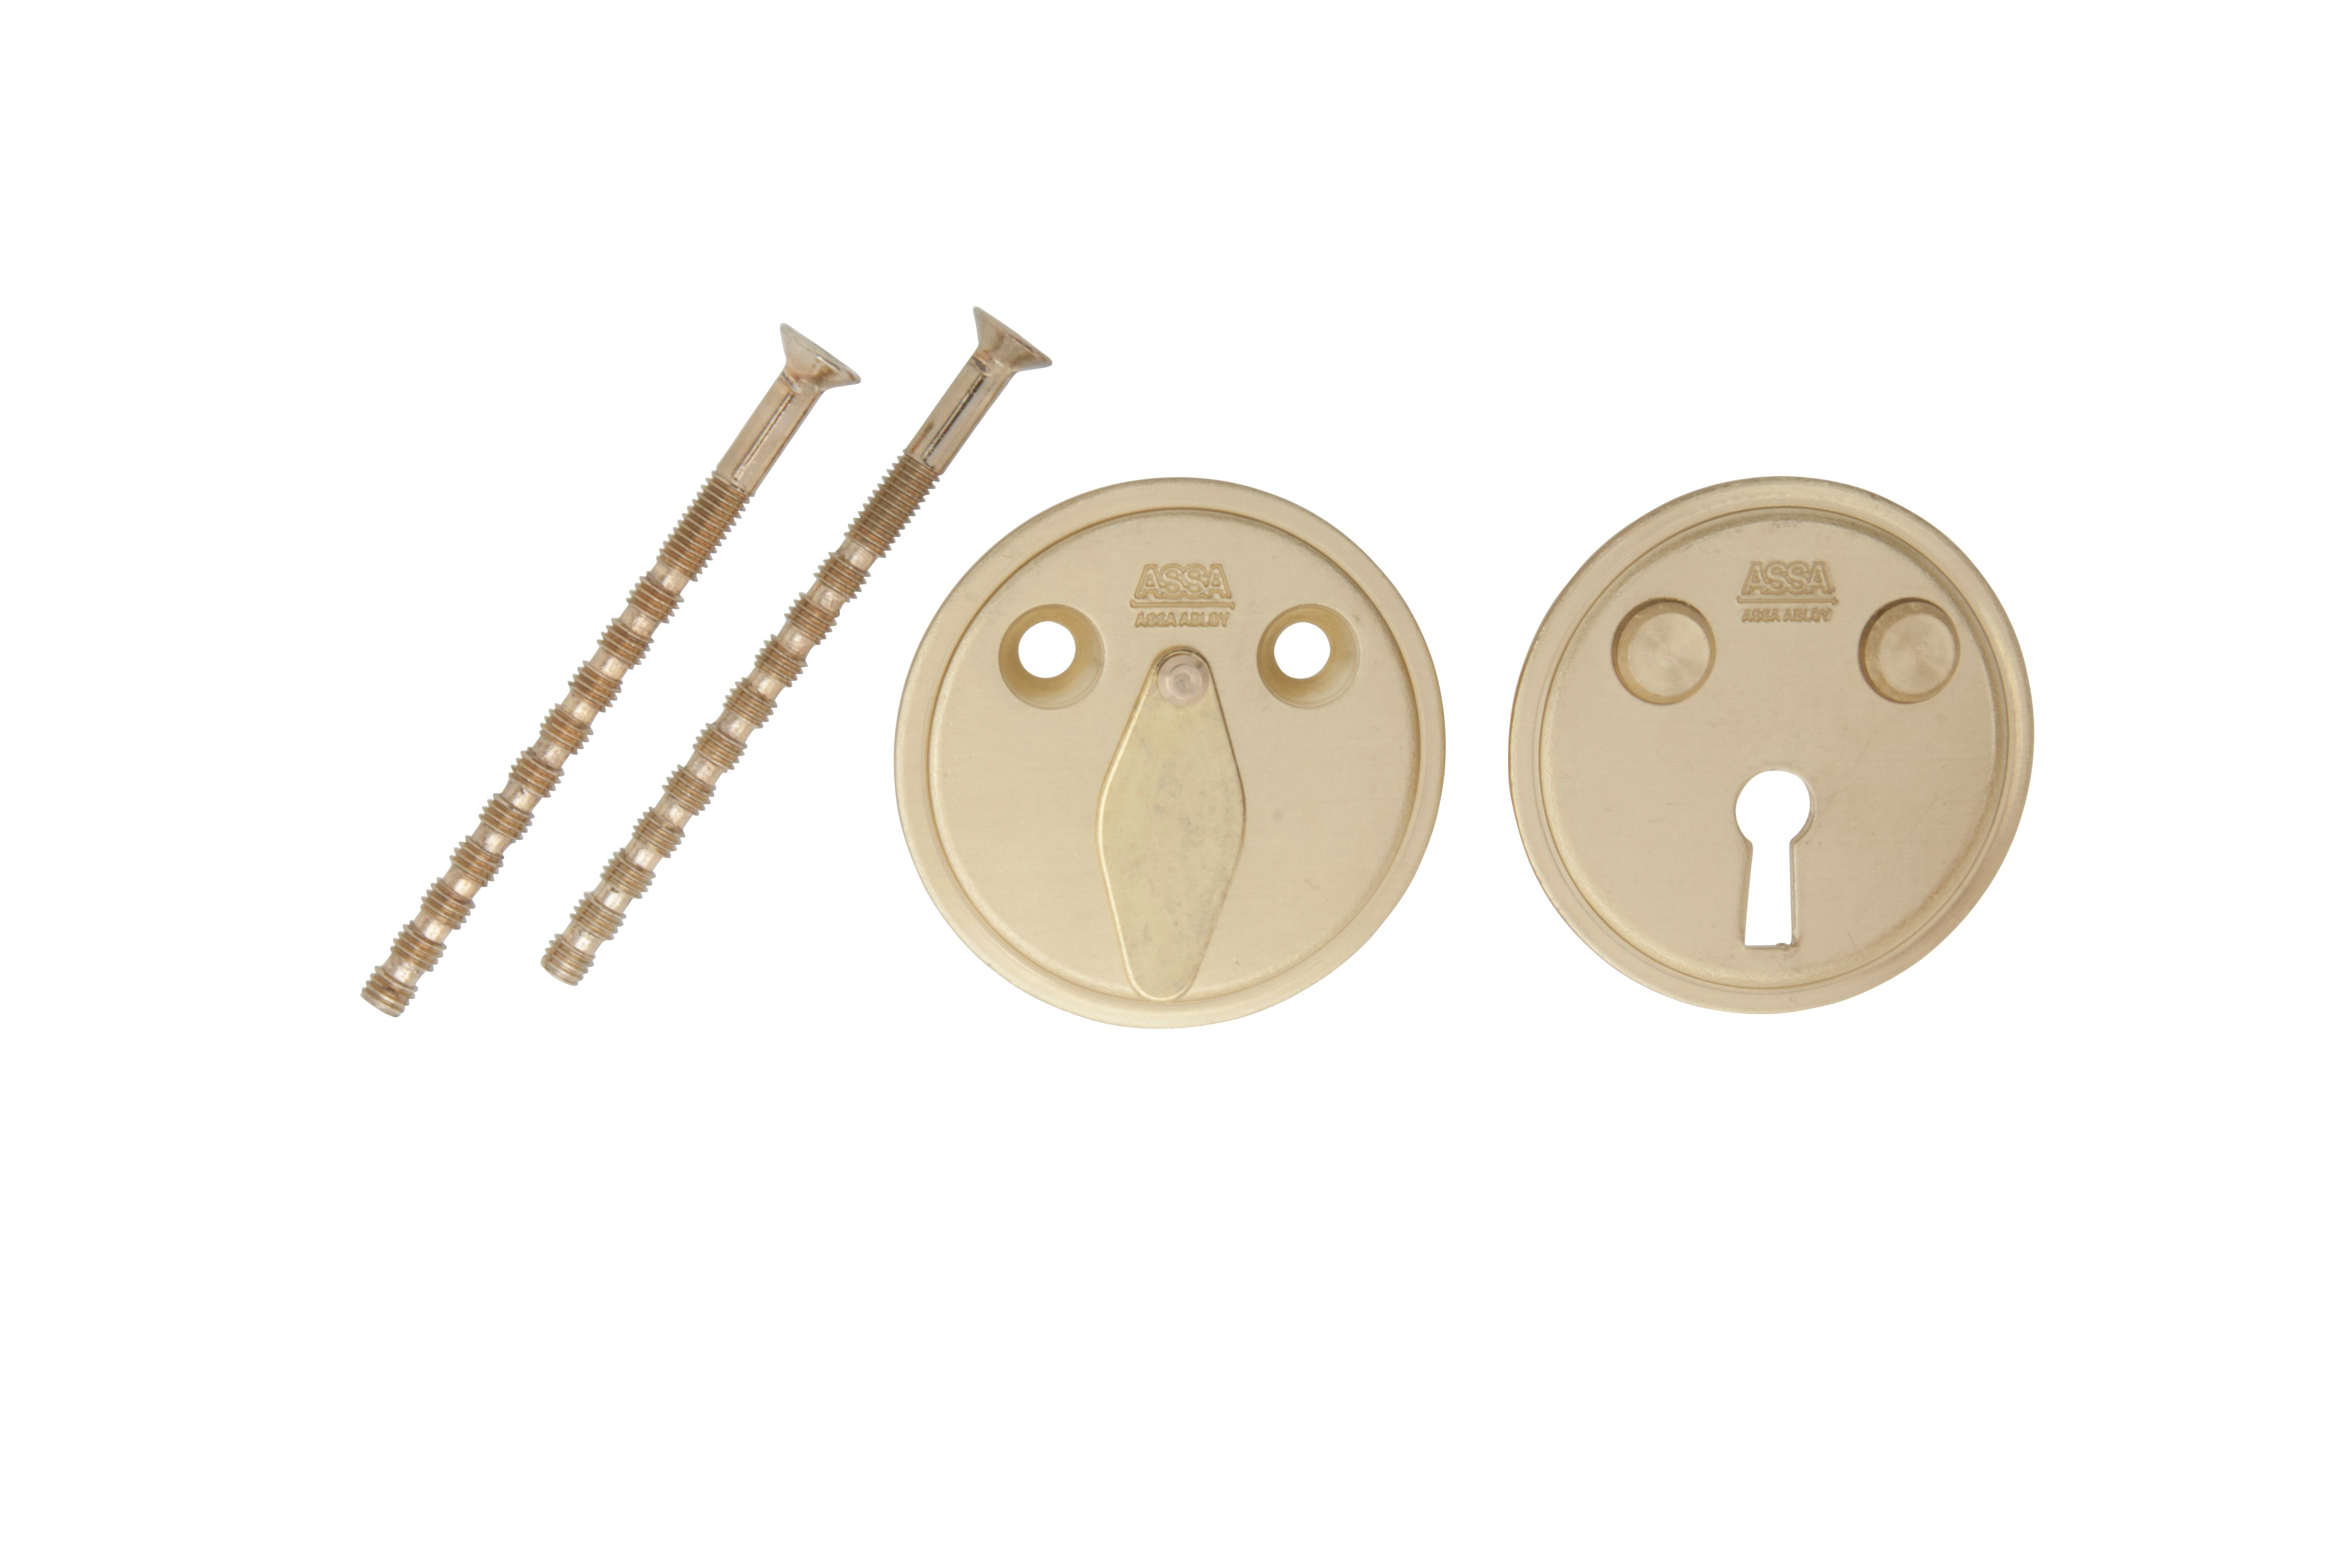 Nyckelskyltar